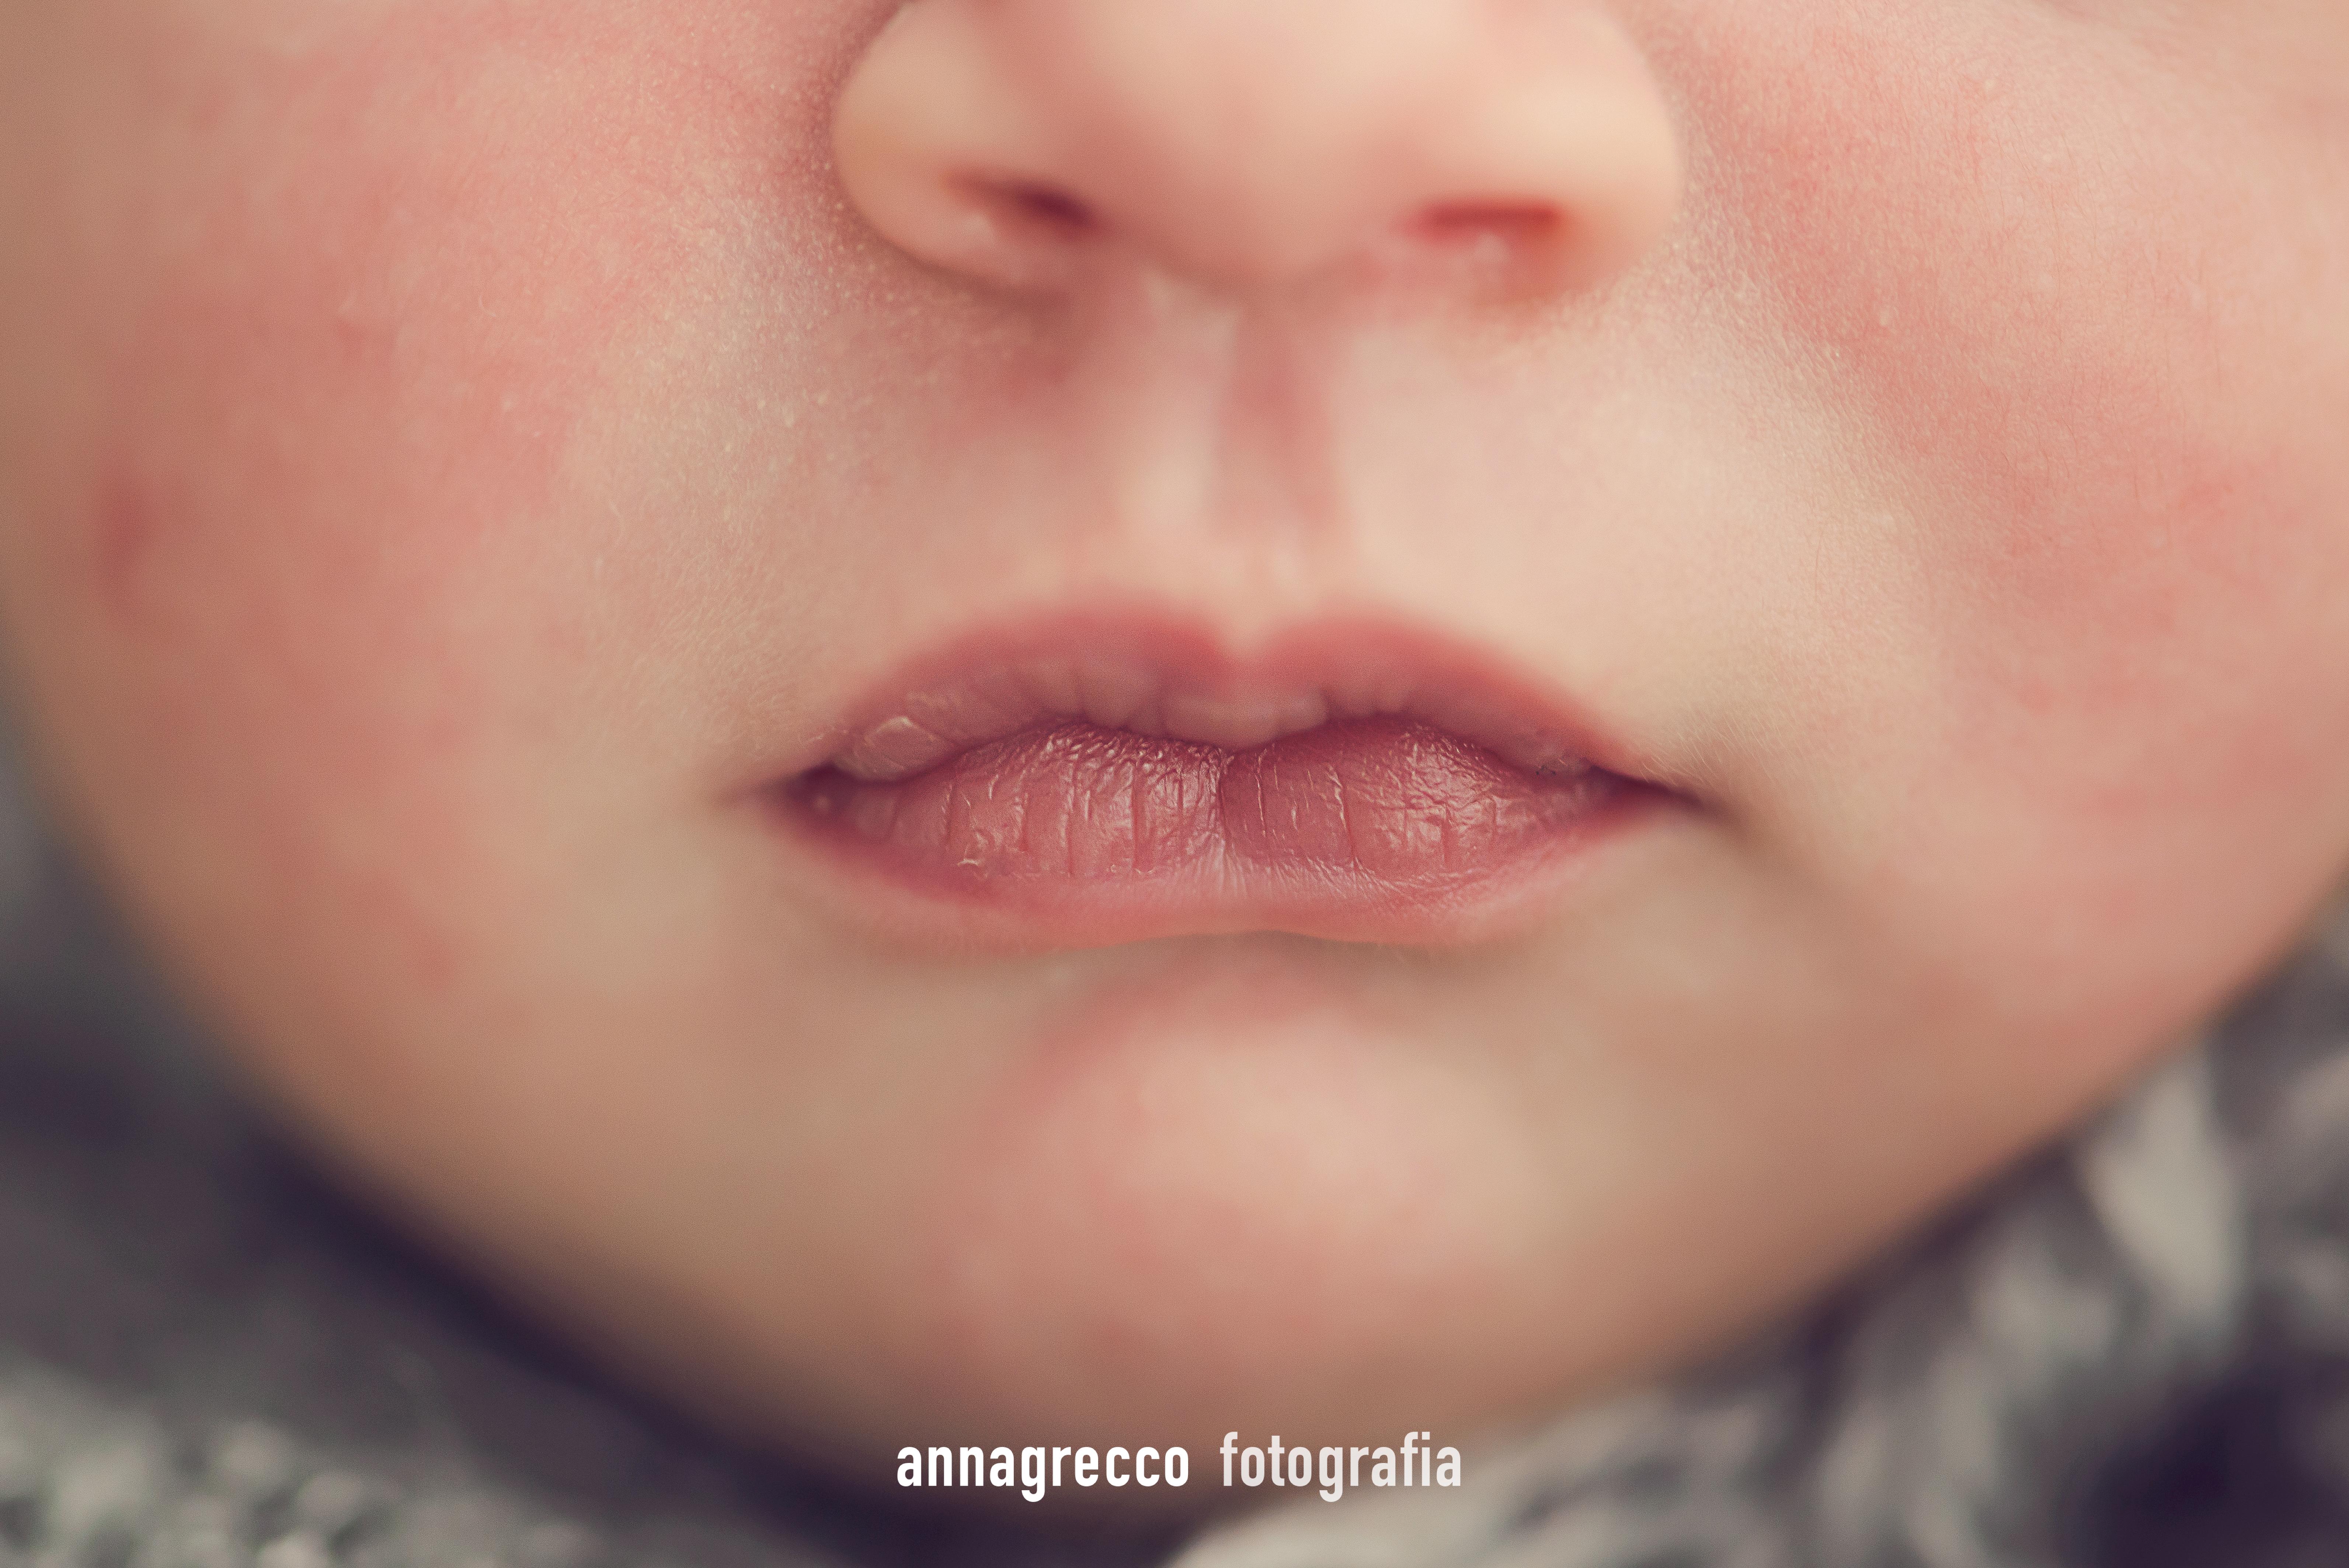 Estúdio Anna Grecco - Gestantes, partos, bebês e famílias